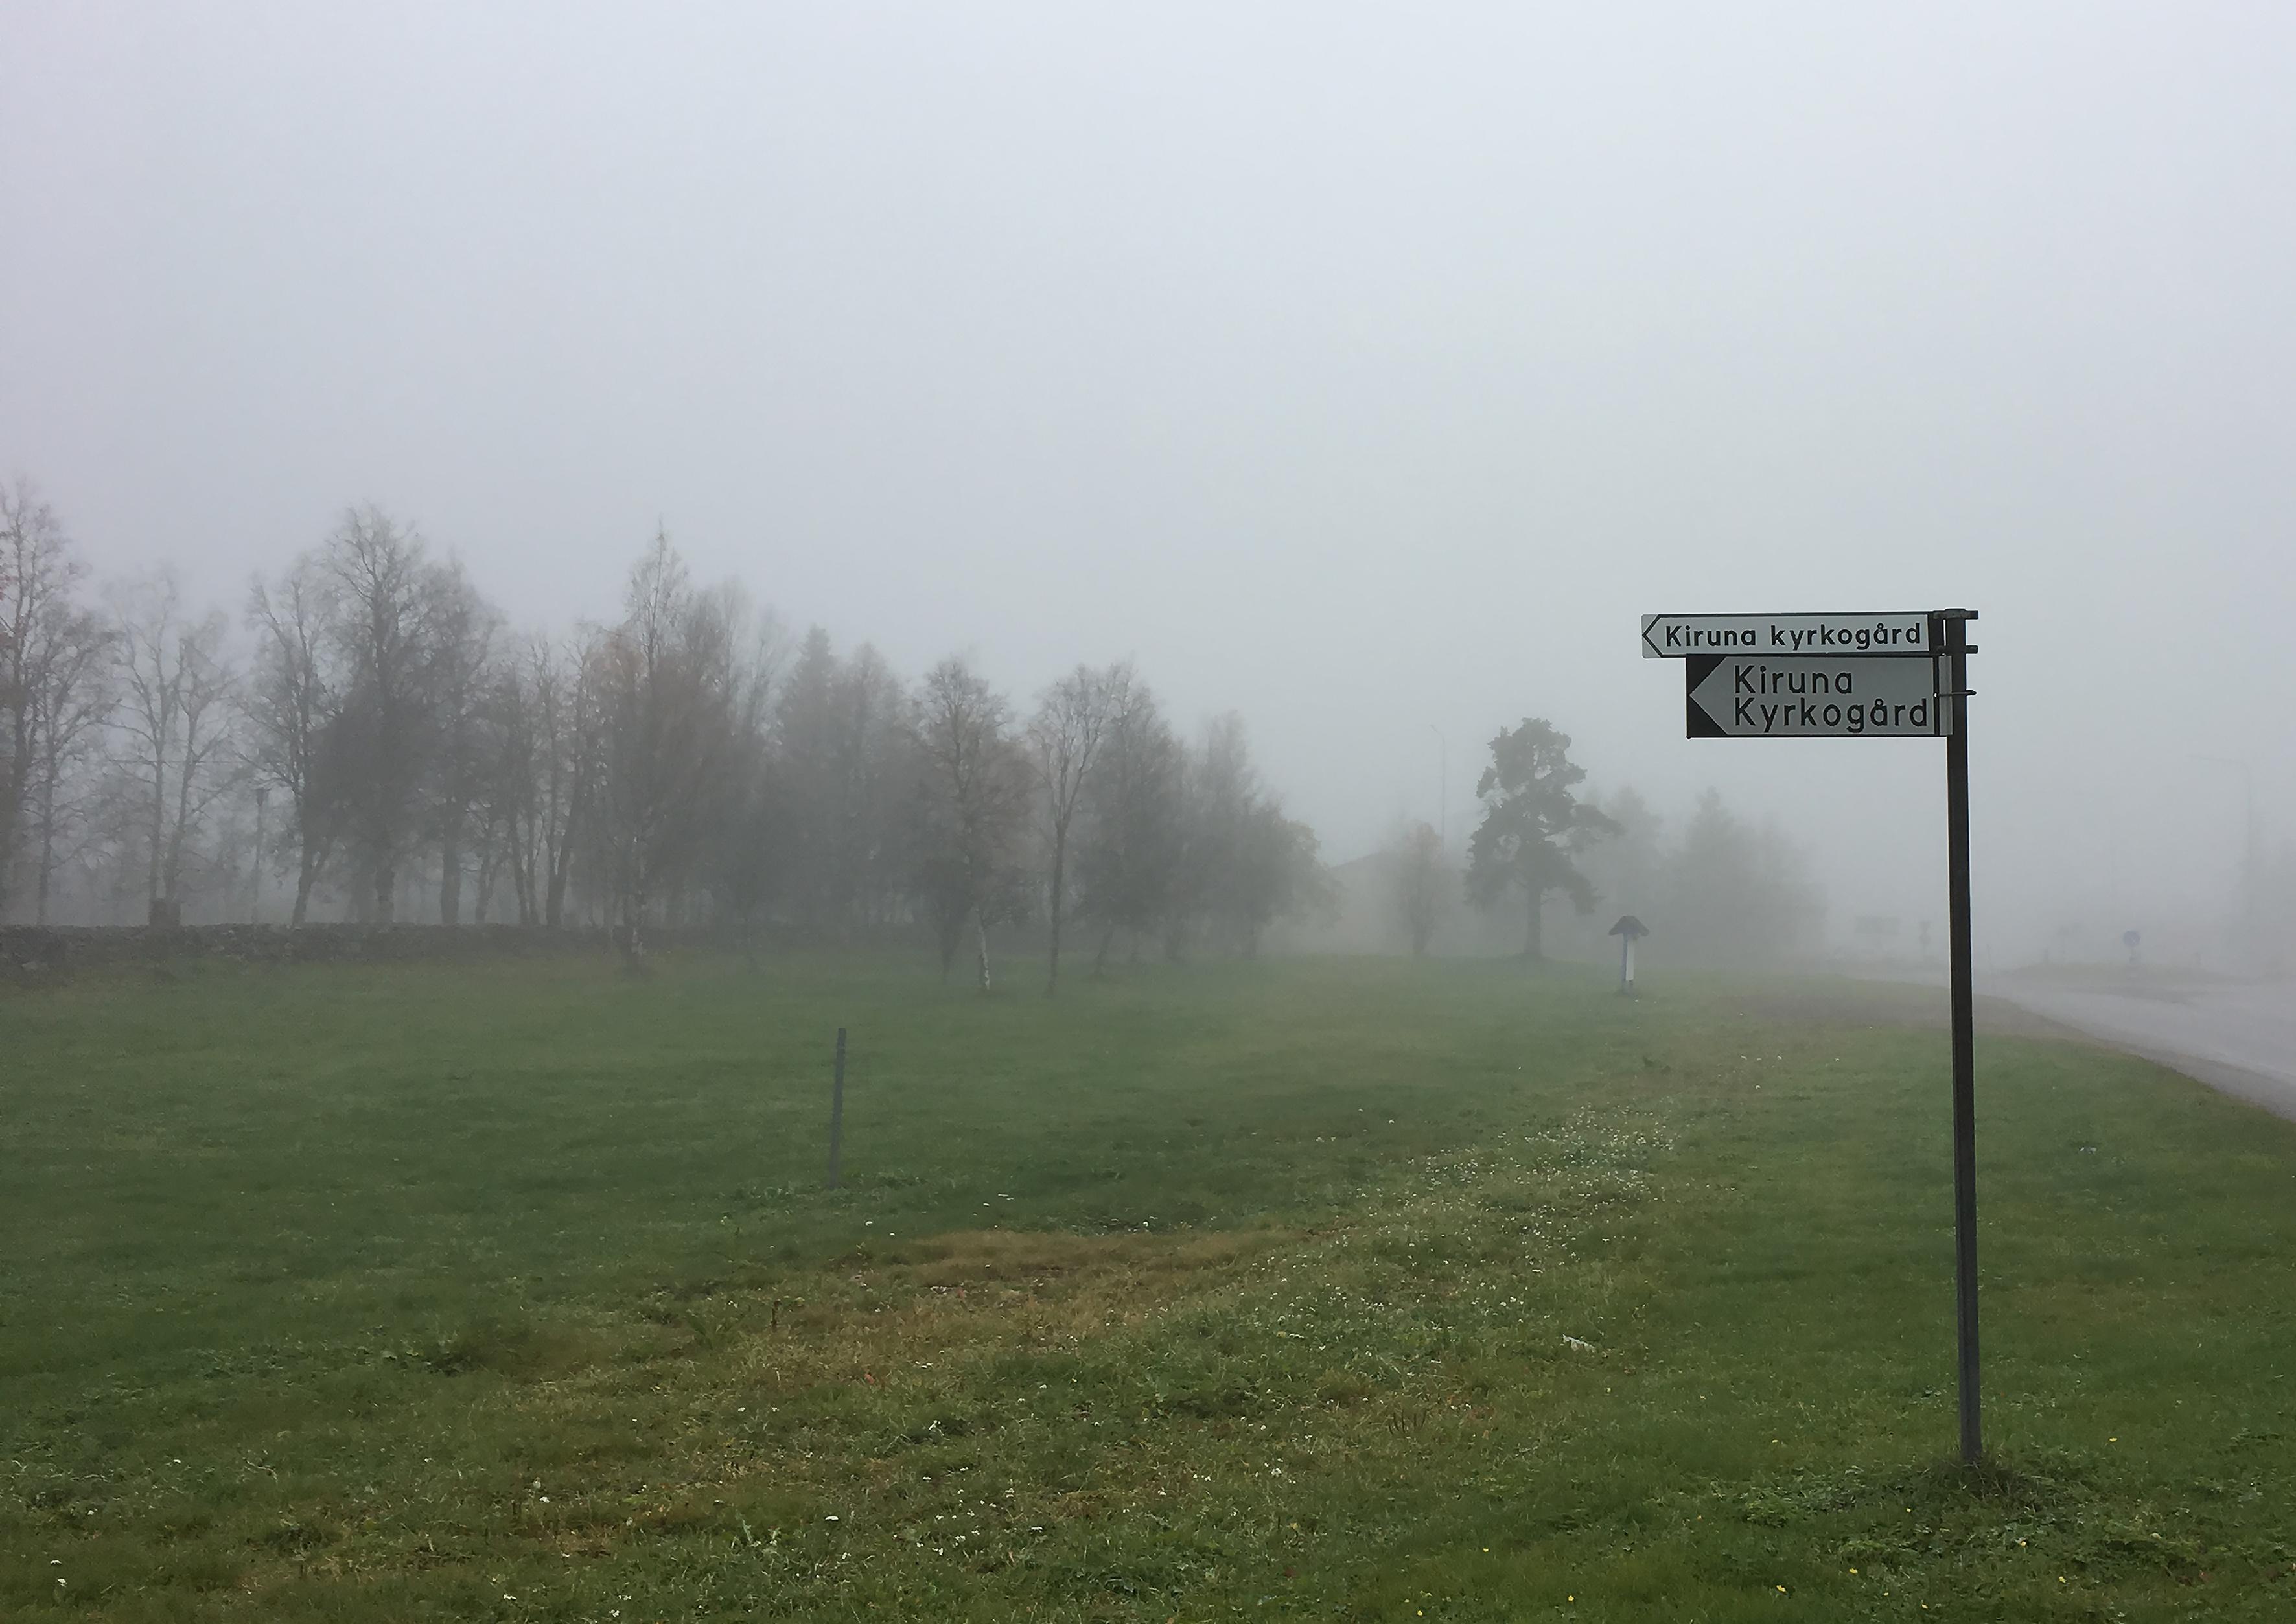 Skylt Kiruna kyrkogård mindre